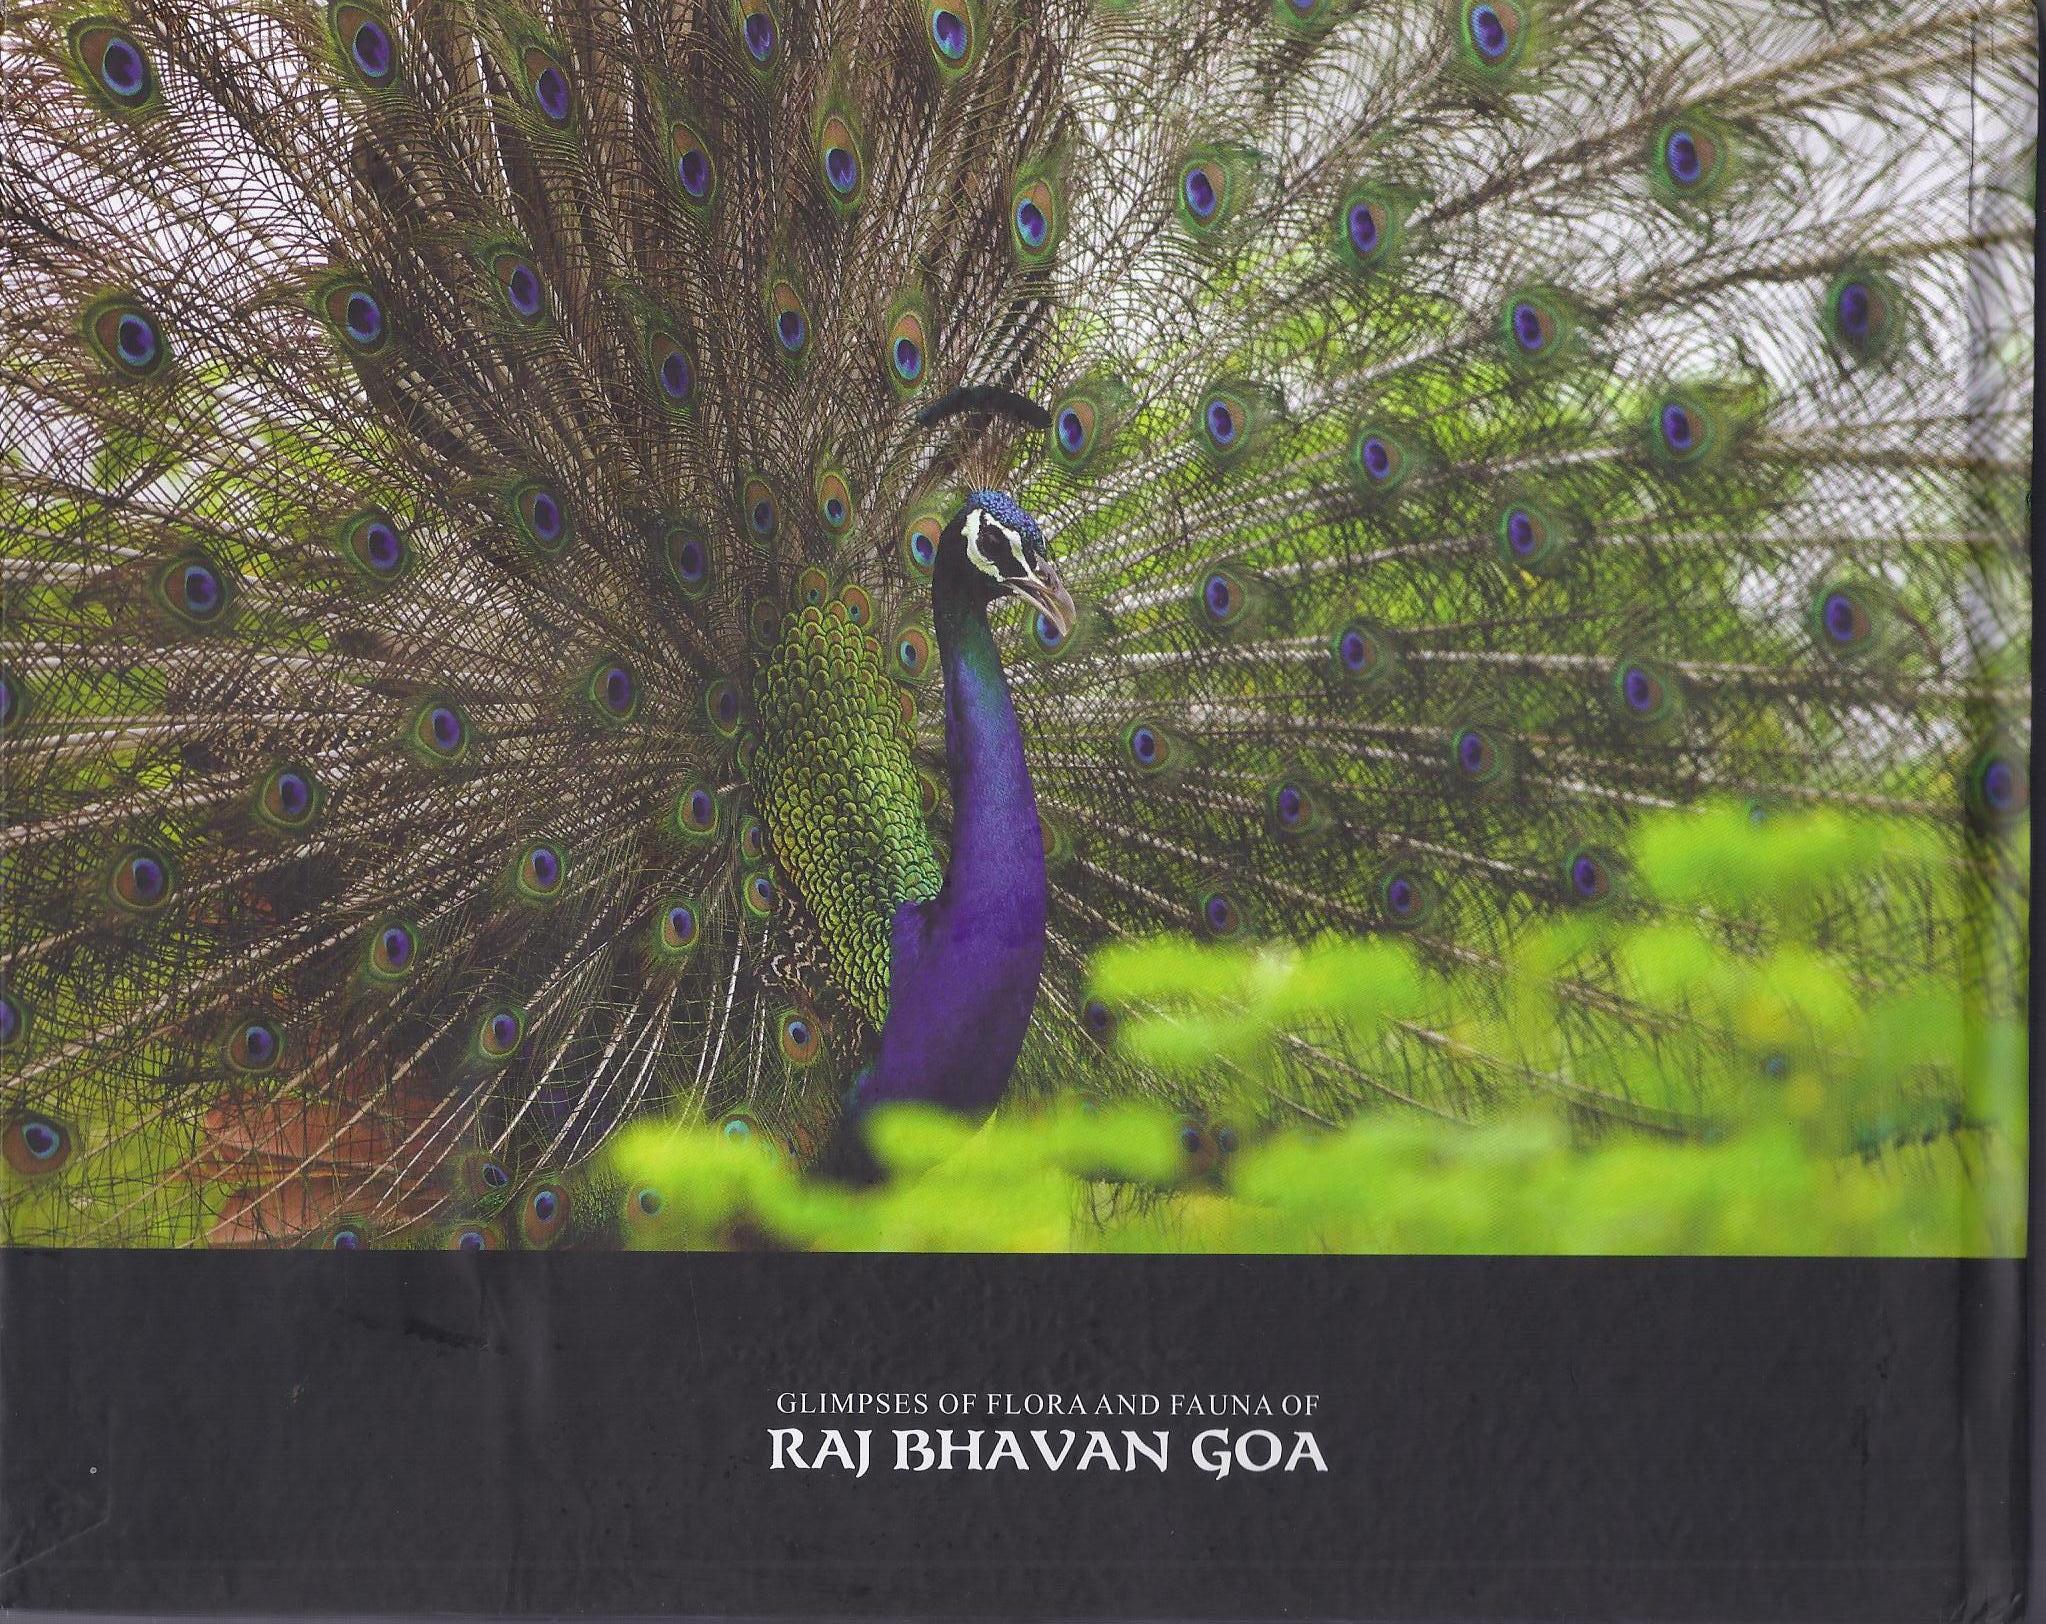 Rajbhavan book back cover page